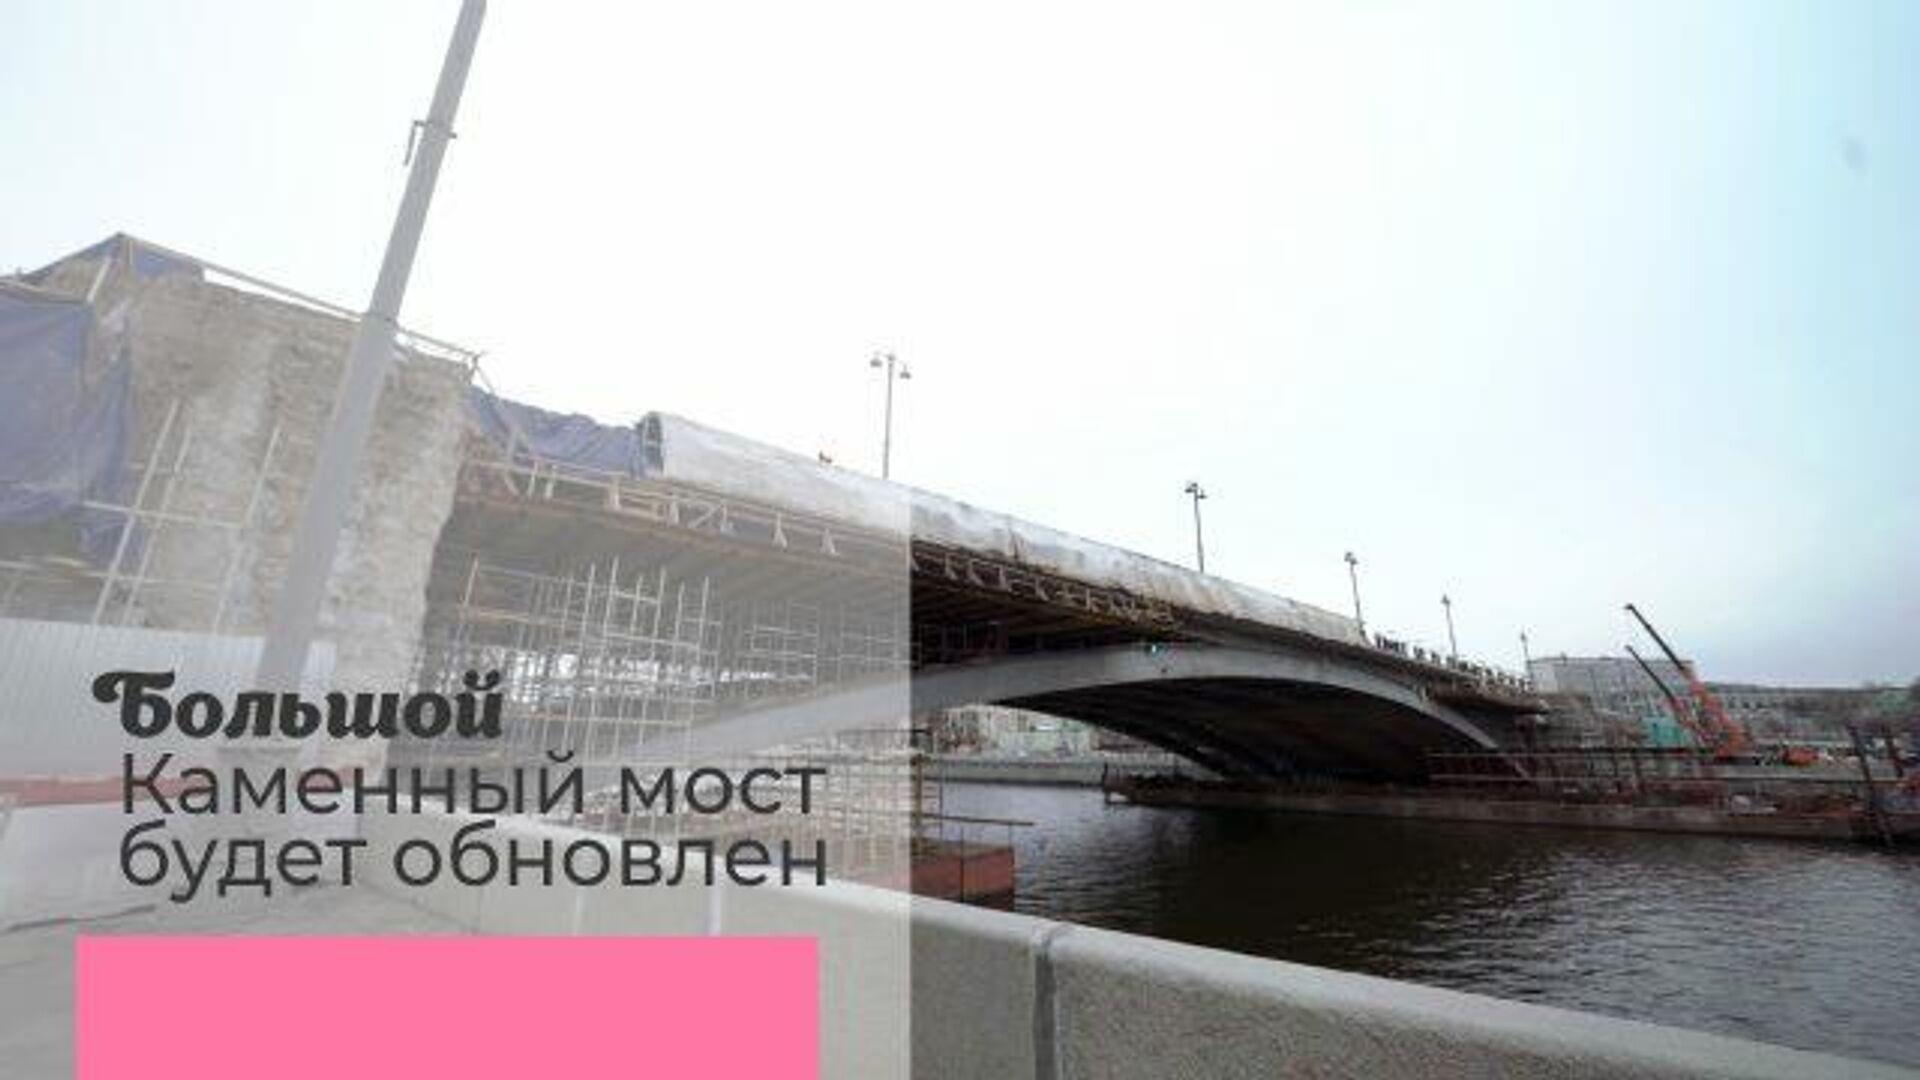 Реставрация Большого каменного моста: половина пути успешно пройдена - РИА Новости, 1920, 30.12.2020